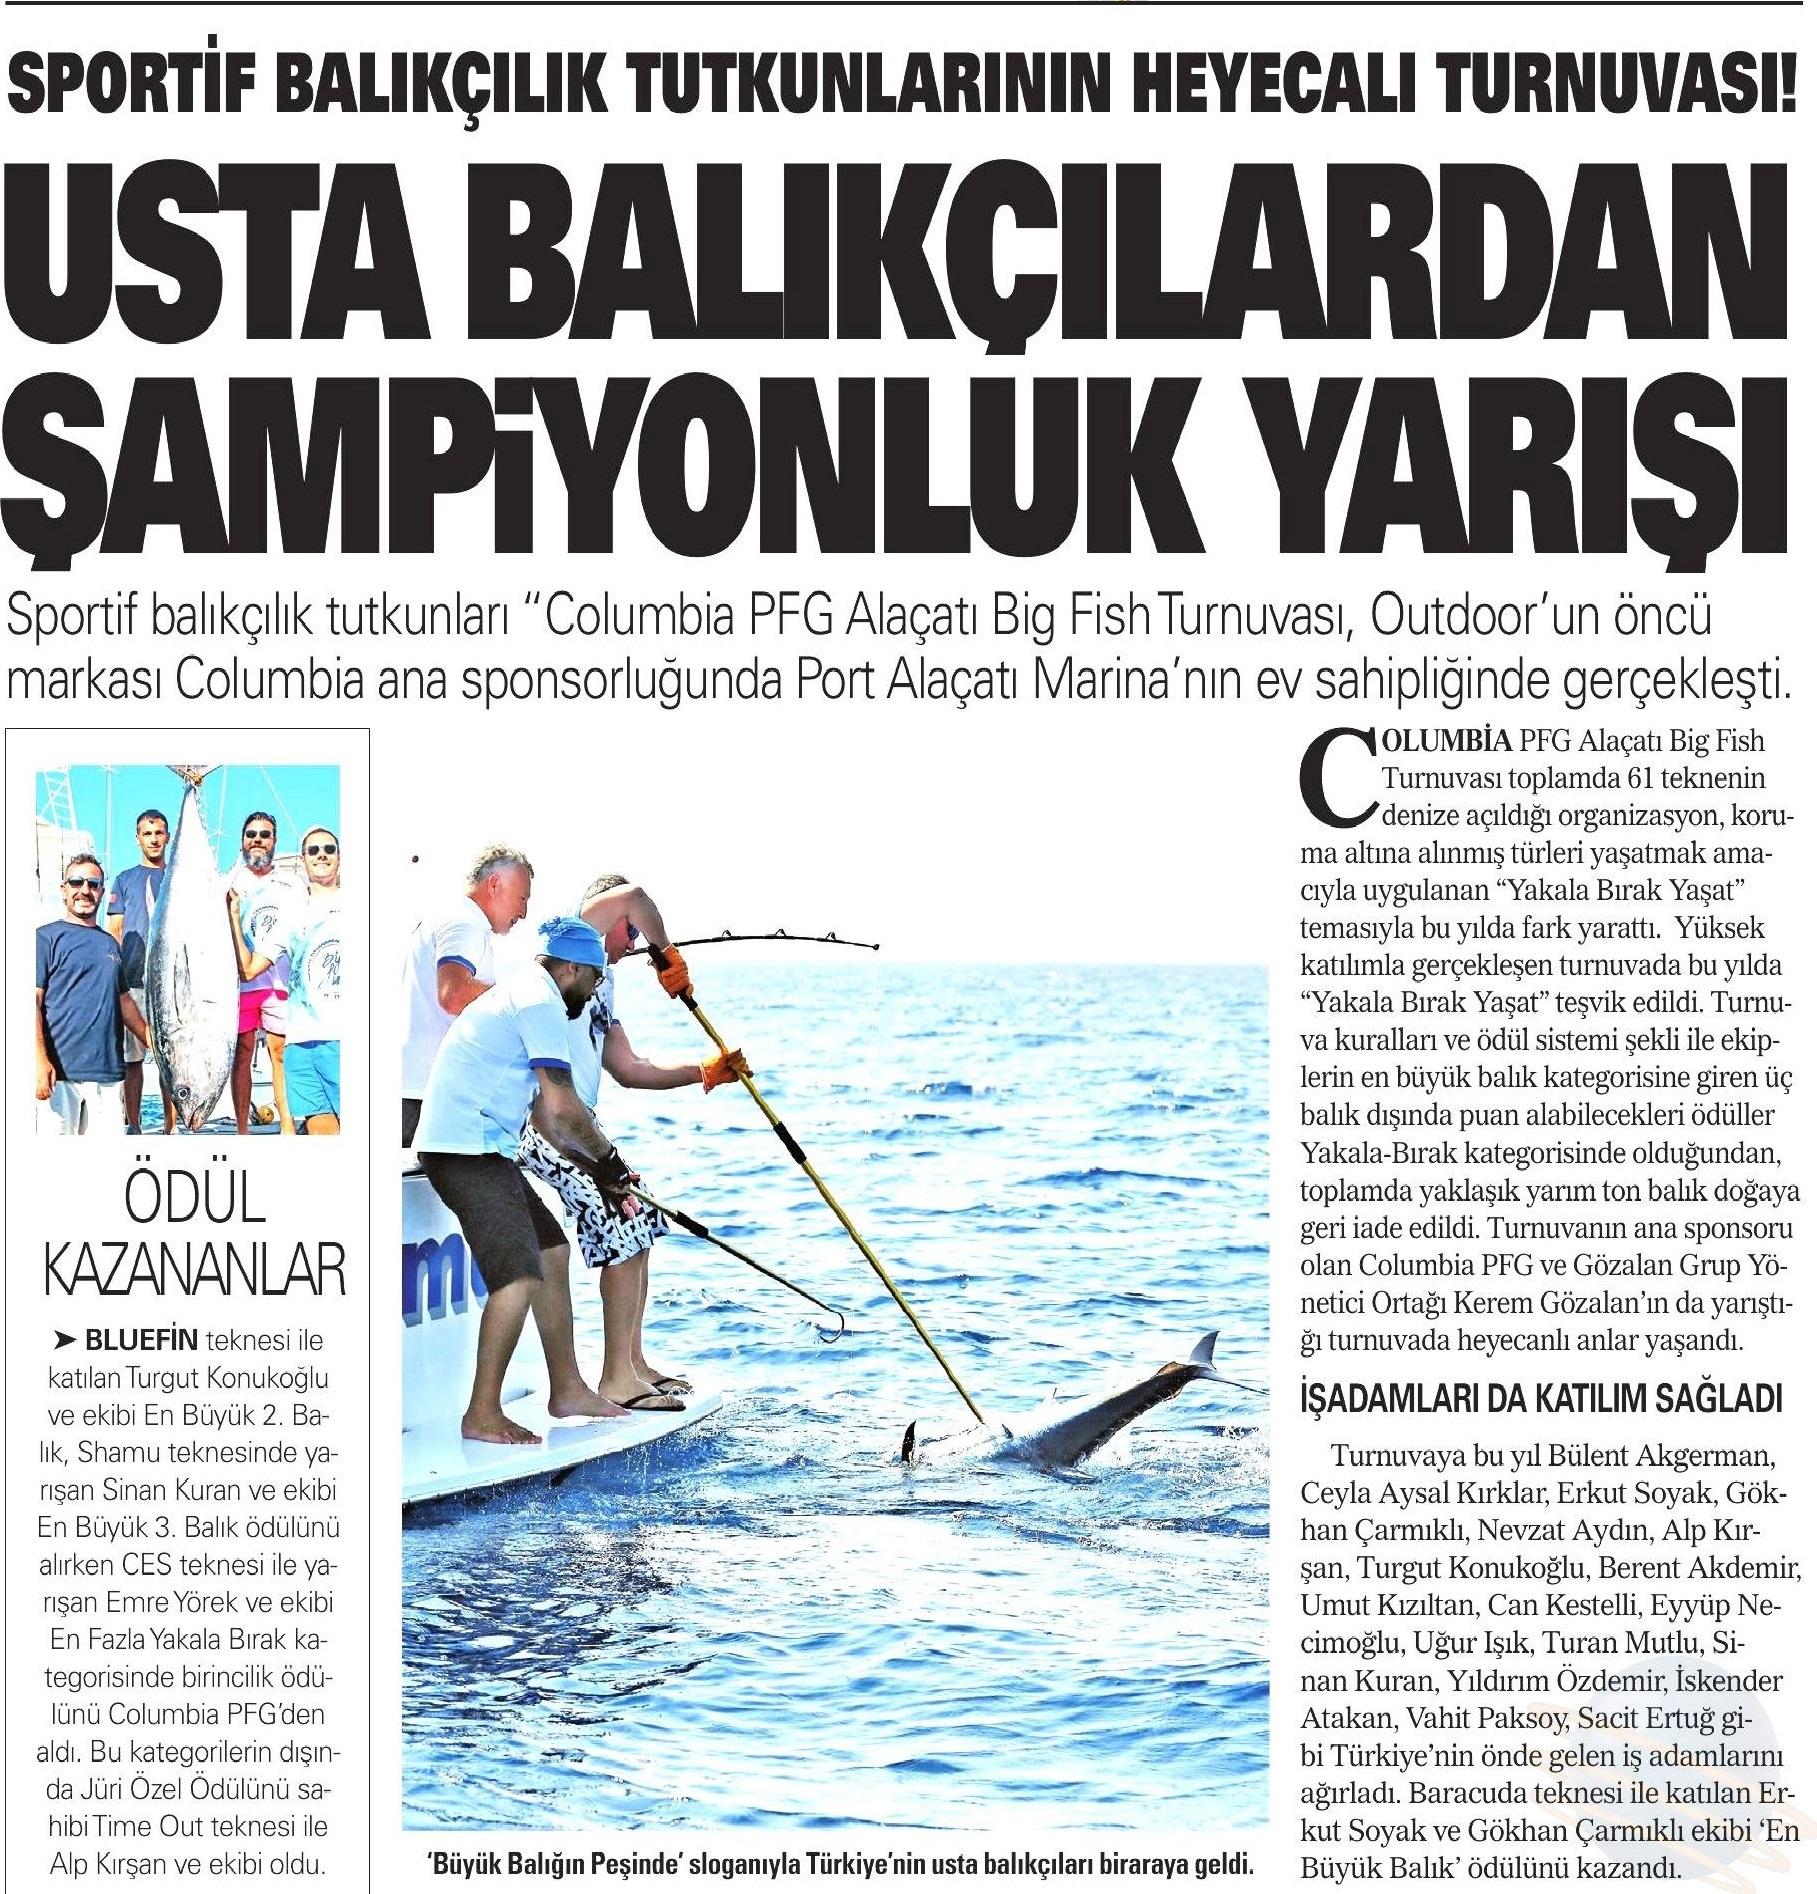 4115_0669_1397-Aksam_Ege-USTA_BALIKCILARDAN_SAMPIYONLUK_YARISI-23.09.2017_1